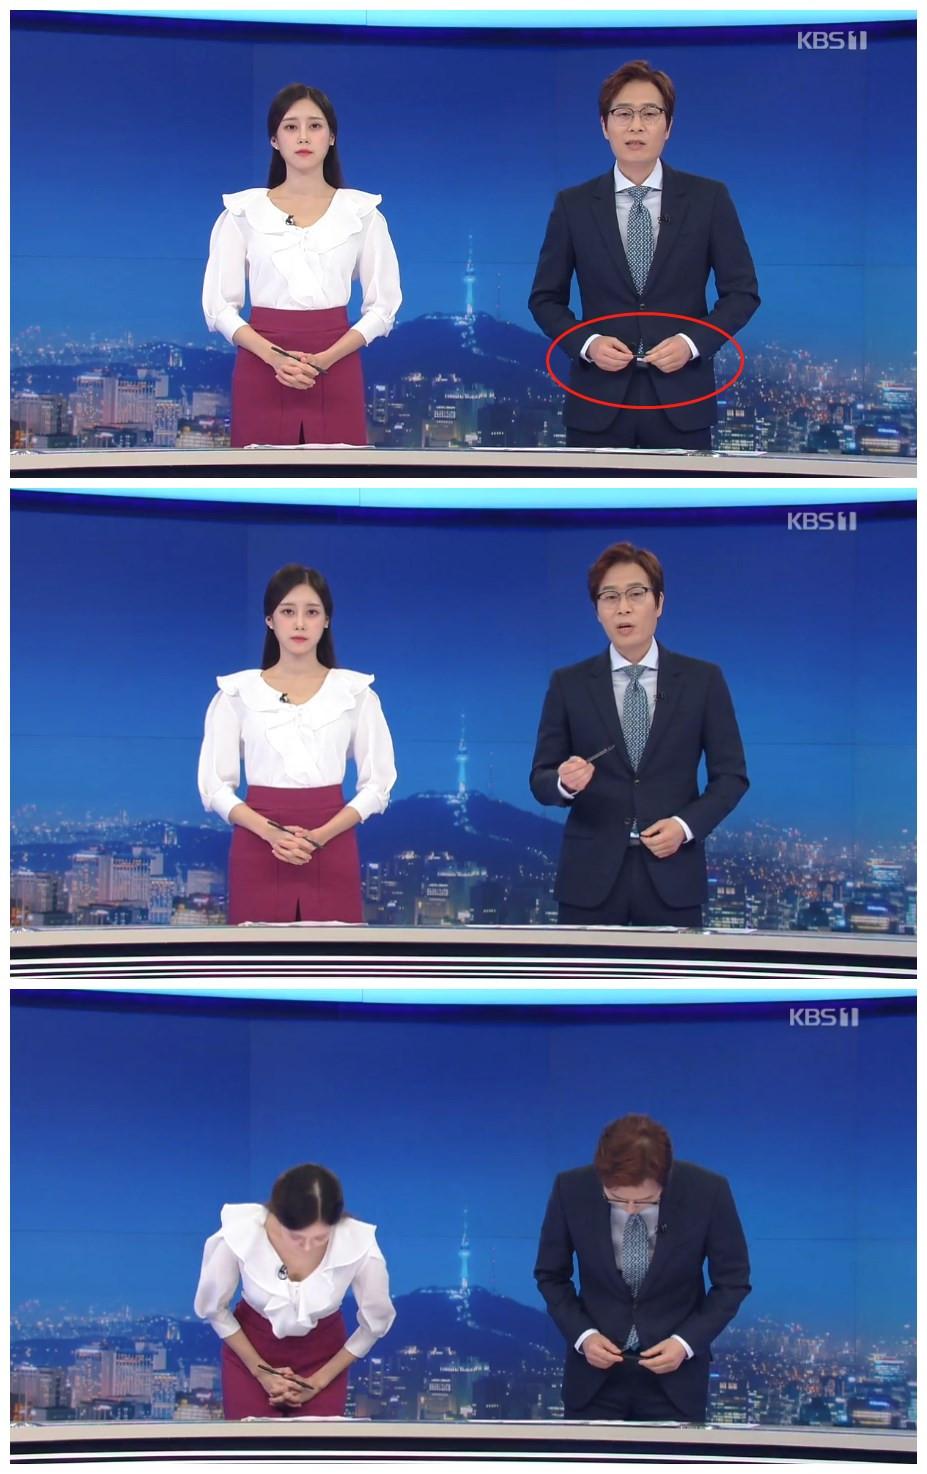 观众质疑是日本笔 韩国主持人直播时澄清:是国产|日本货